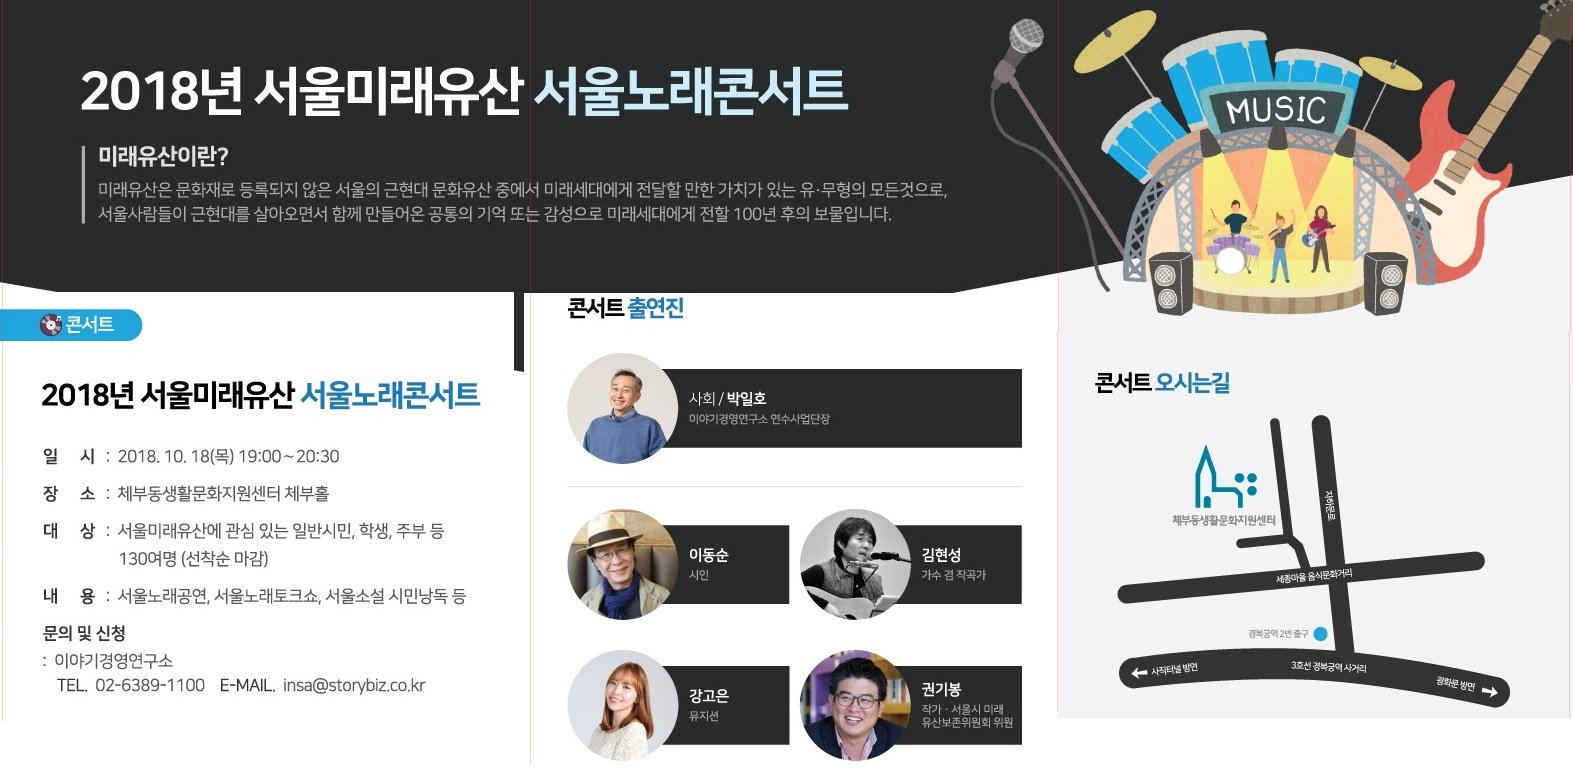 서울미래유산노래콘서트_배너_201801001 최종수정